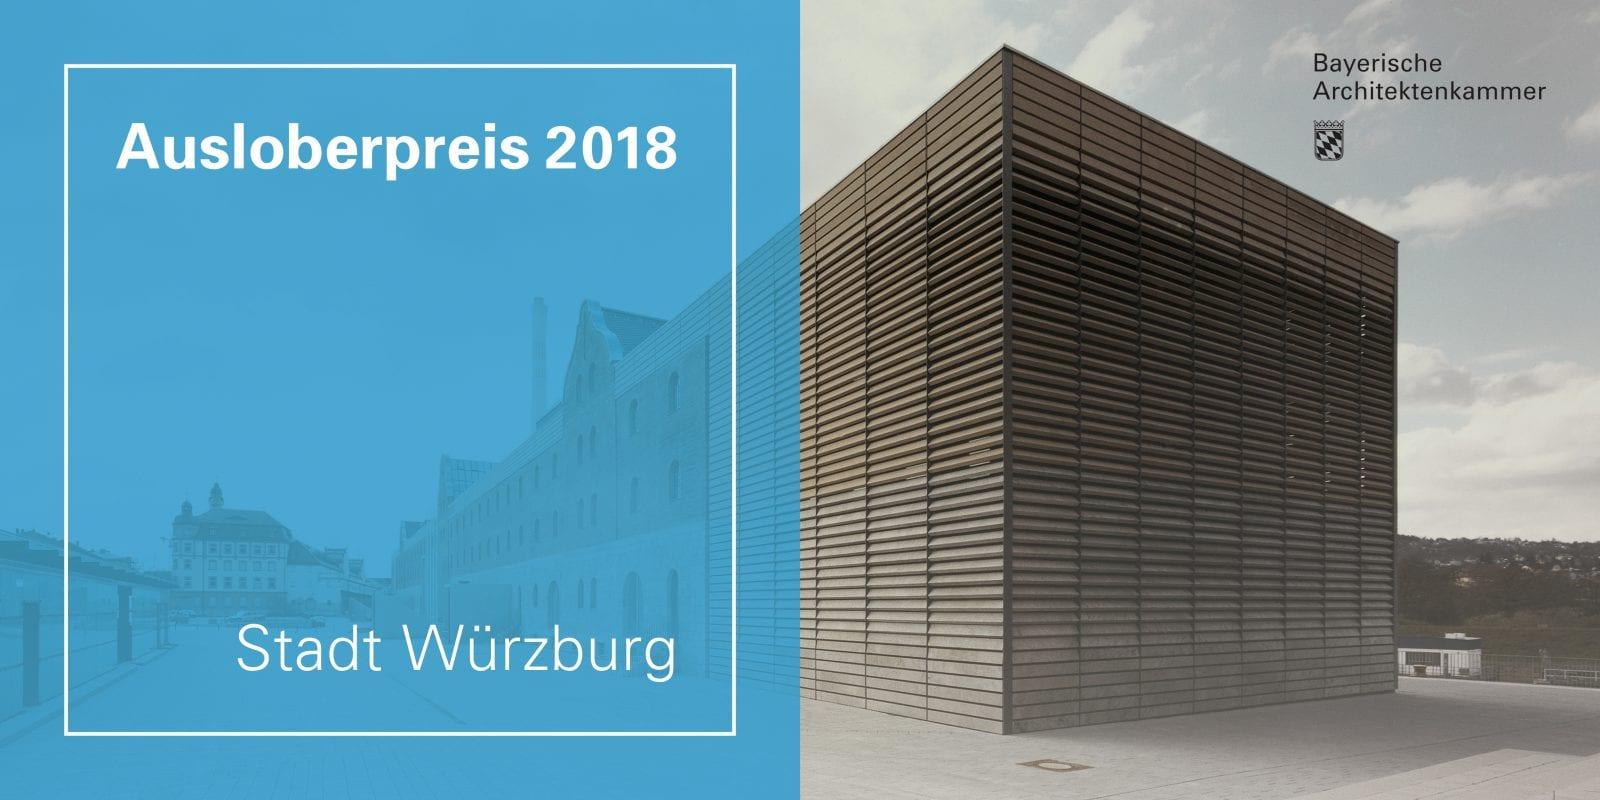 """Würzburg erhält Architekturauszeichnung """"Ausloberpreis 2018"""" (Abbildung: Bayerische Architektenkammer)"""